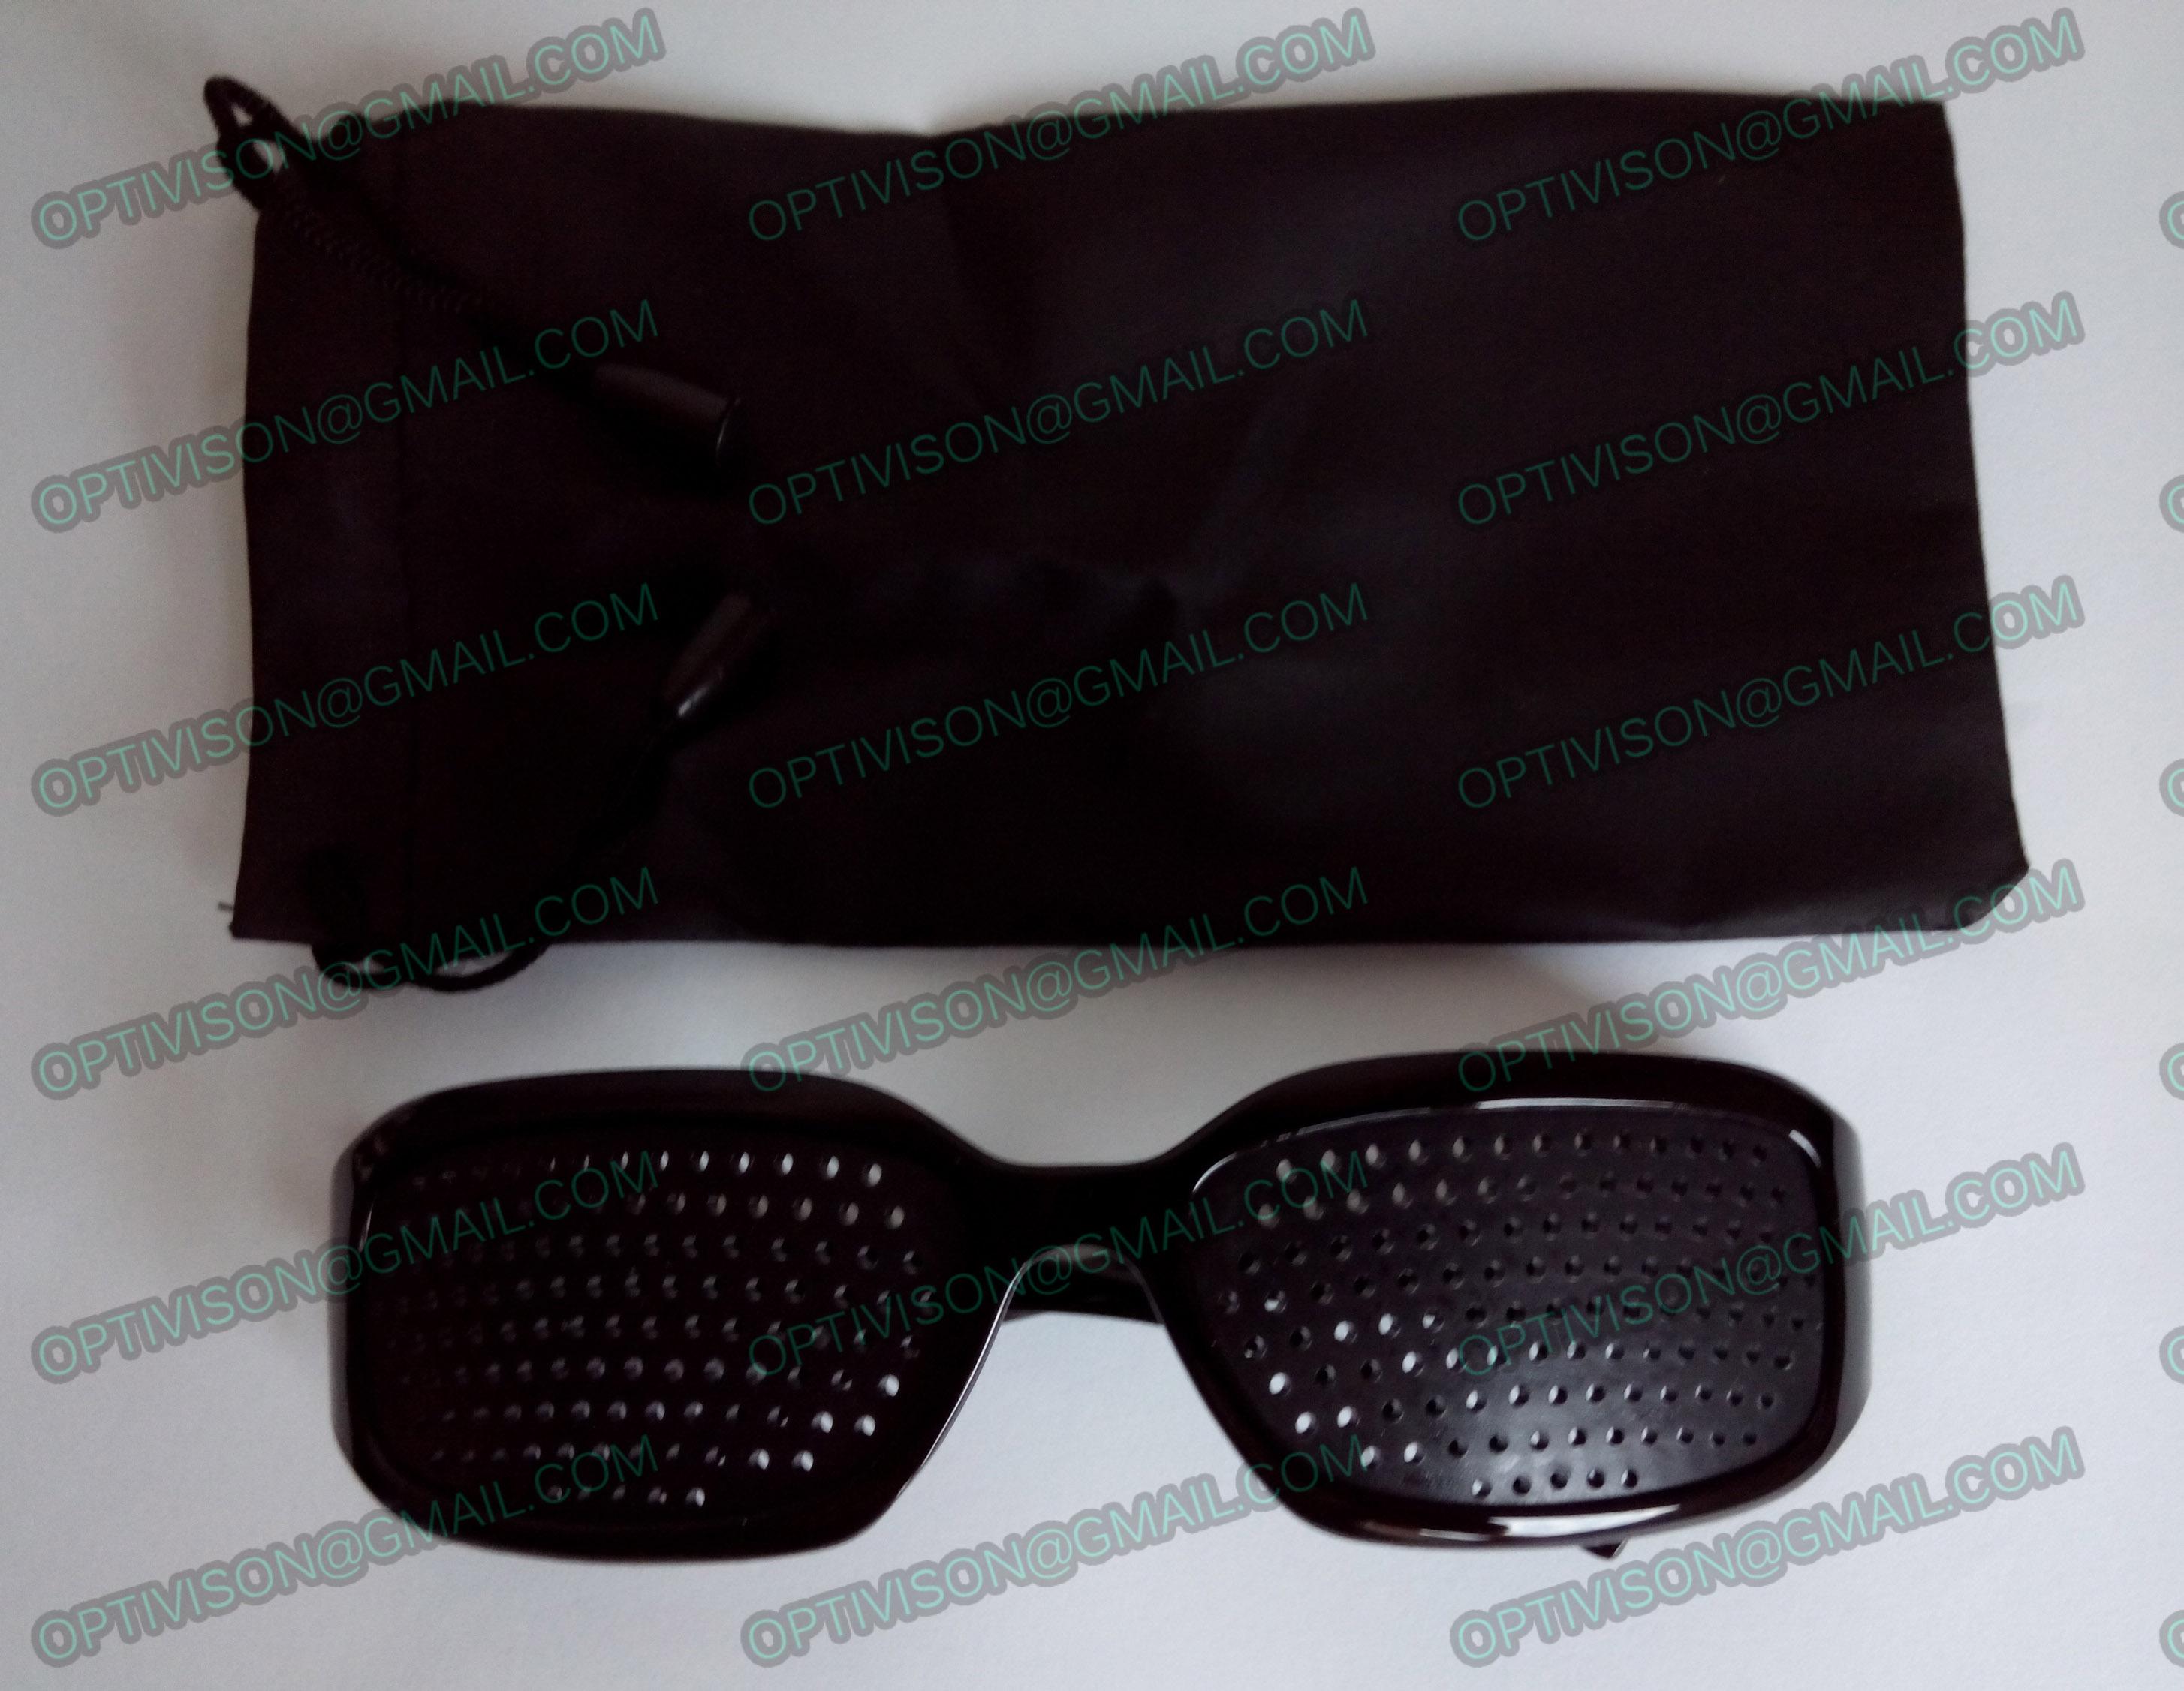 Élesség javító szemüveg. 2014.04.27. 13 58 e014e4fcd4